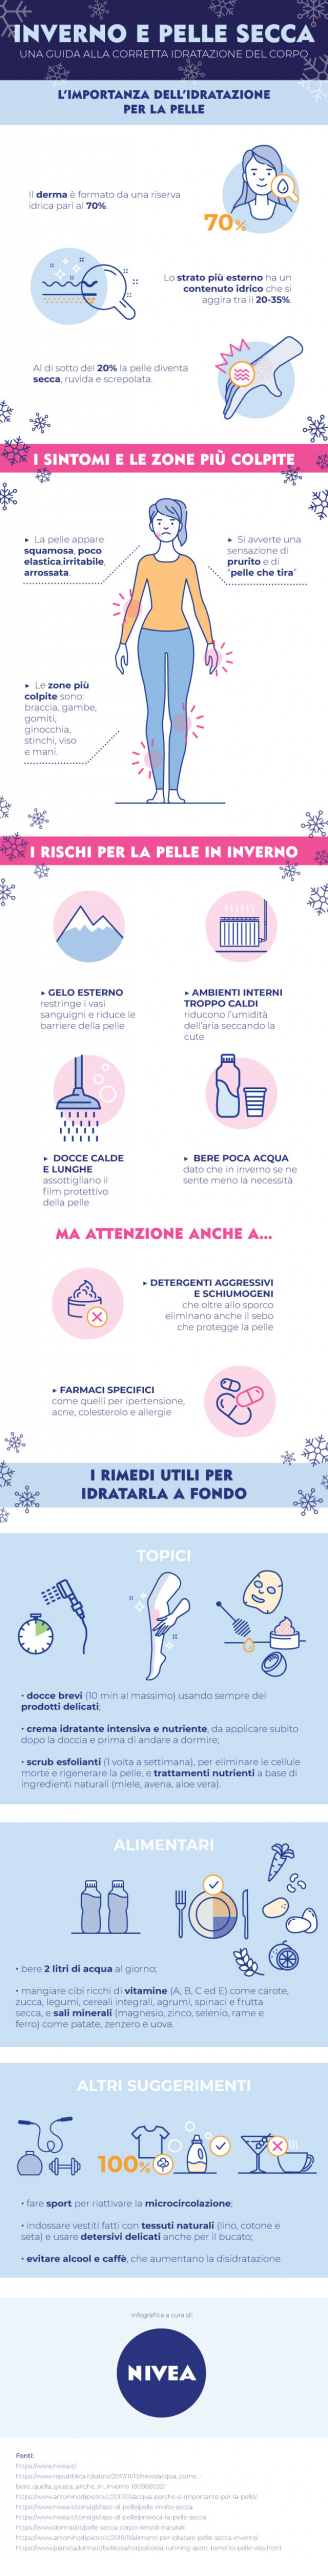 Infografica - Inverno e Pelle Secca